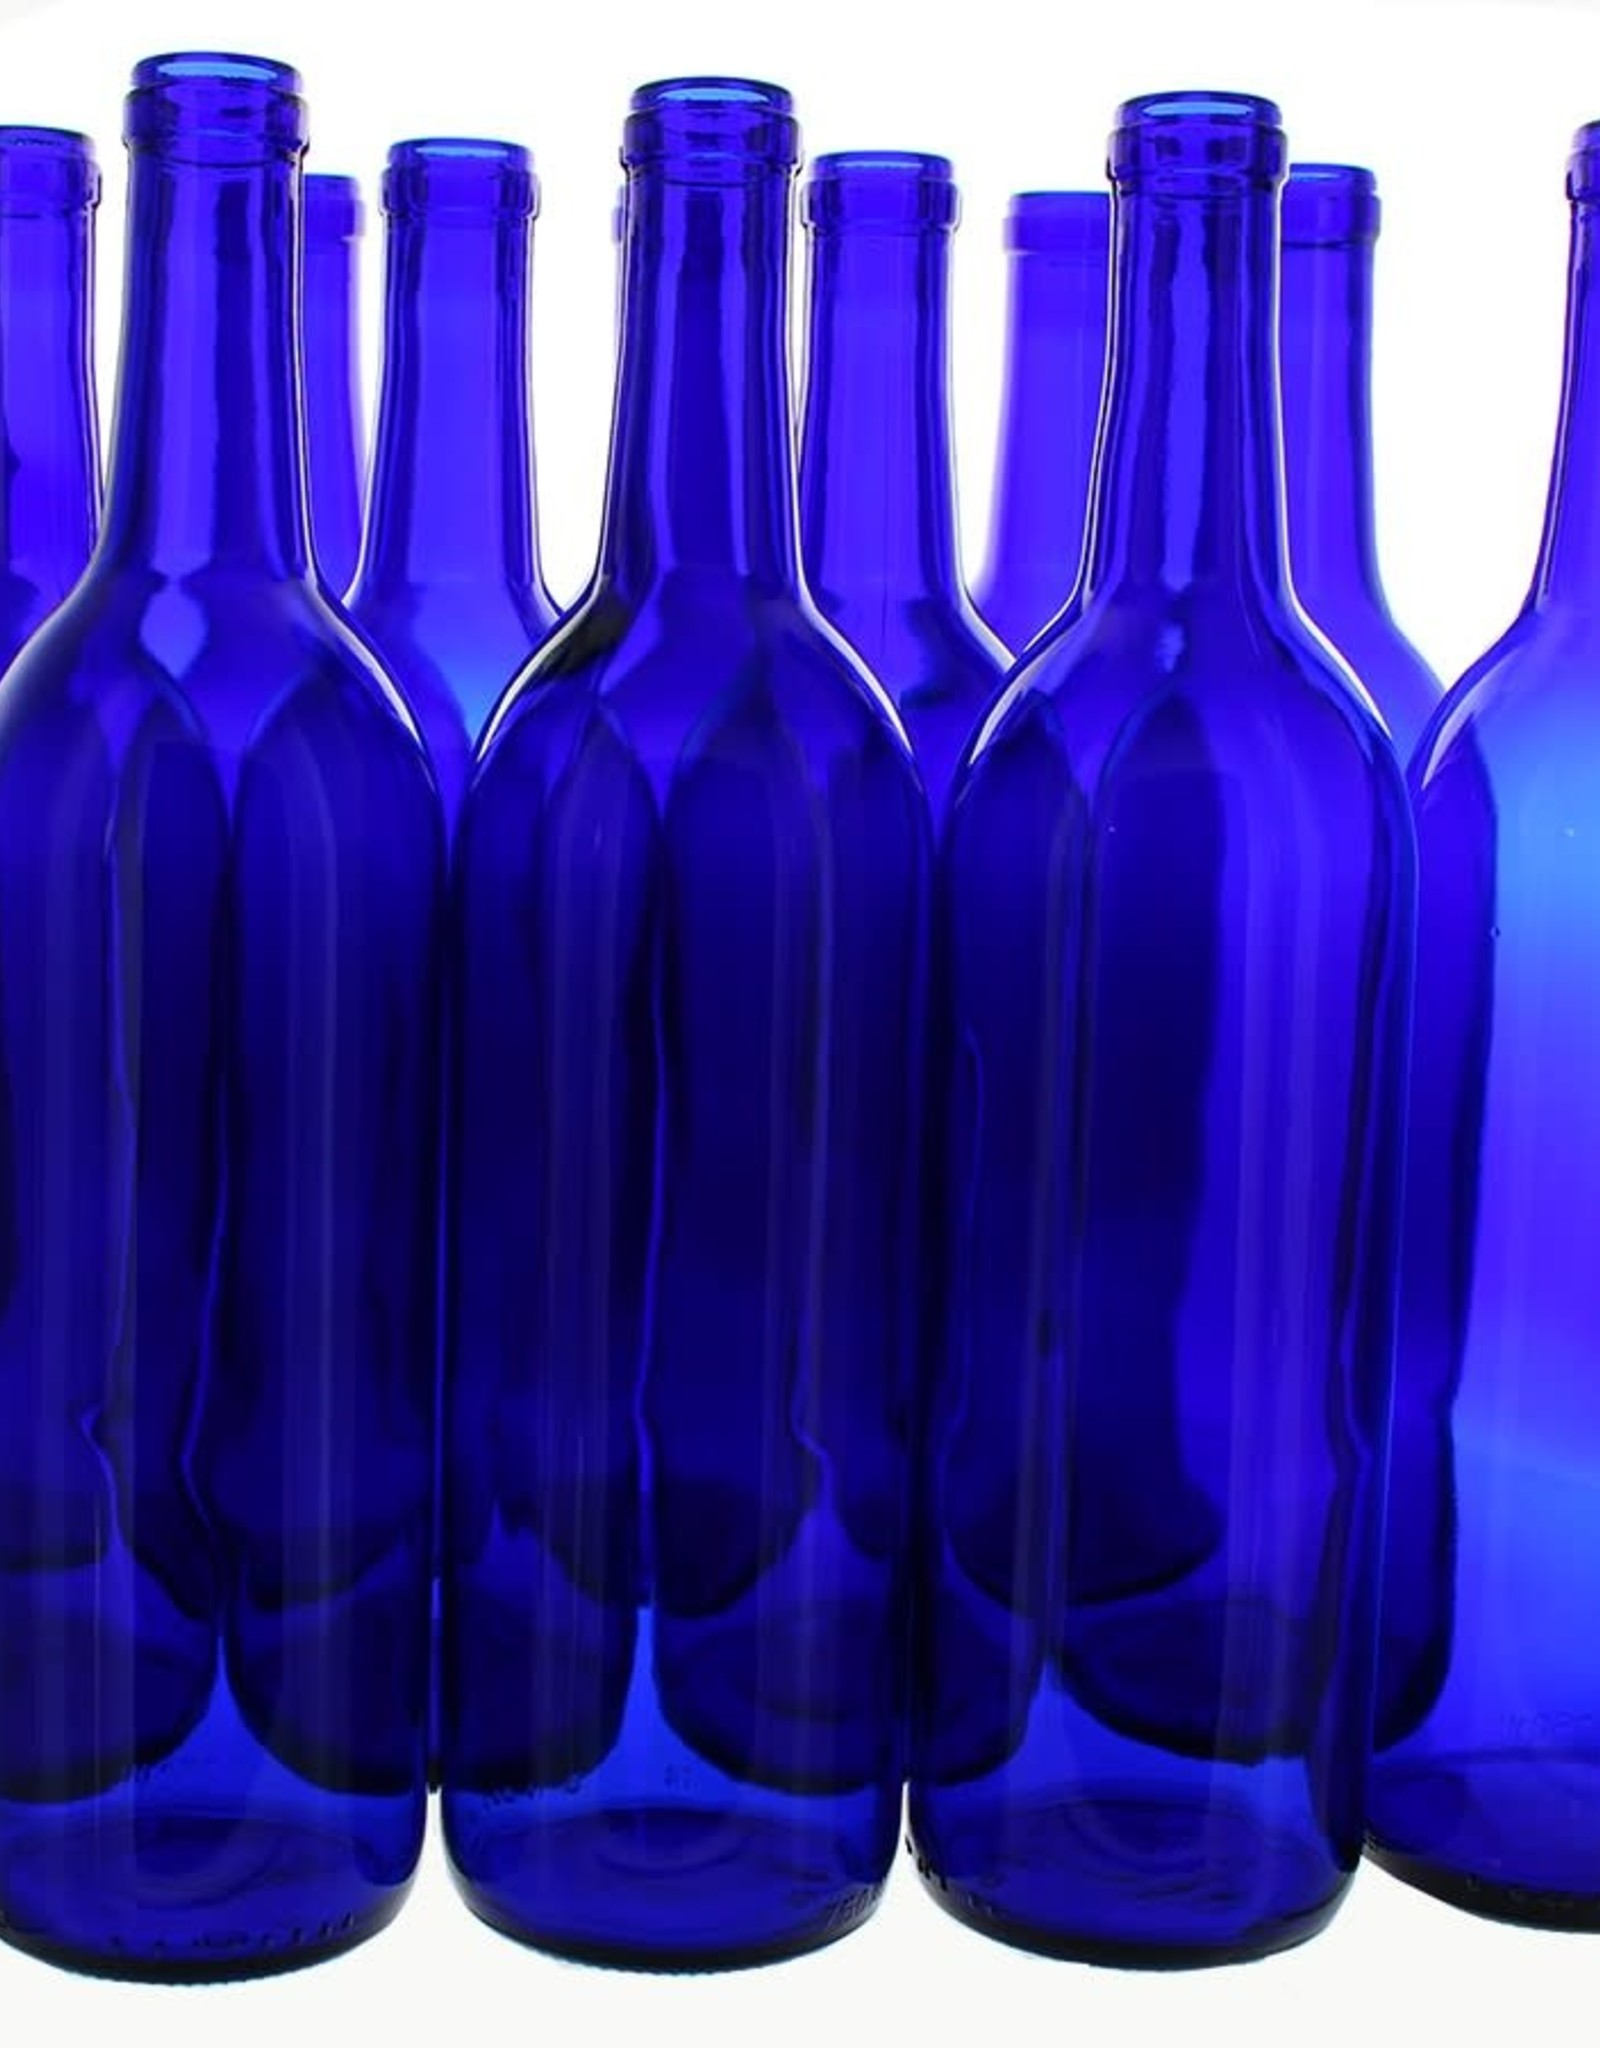 750 ml COBALT BLUE BORDEAUX BOTTLES